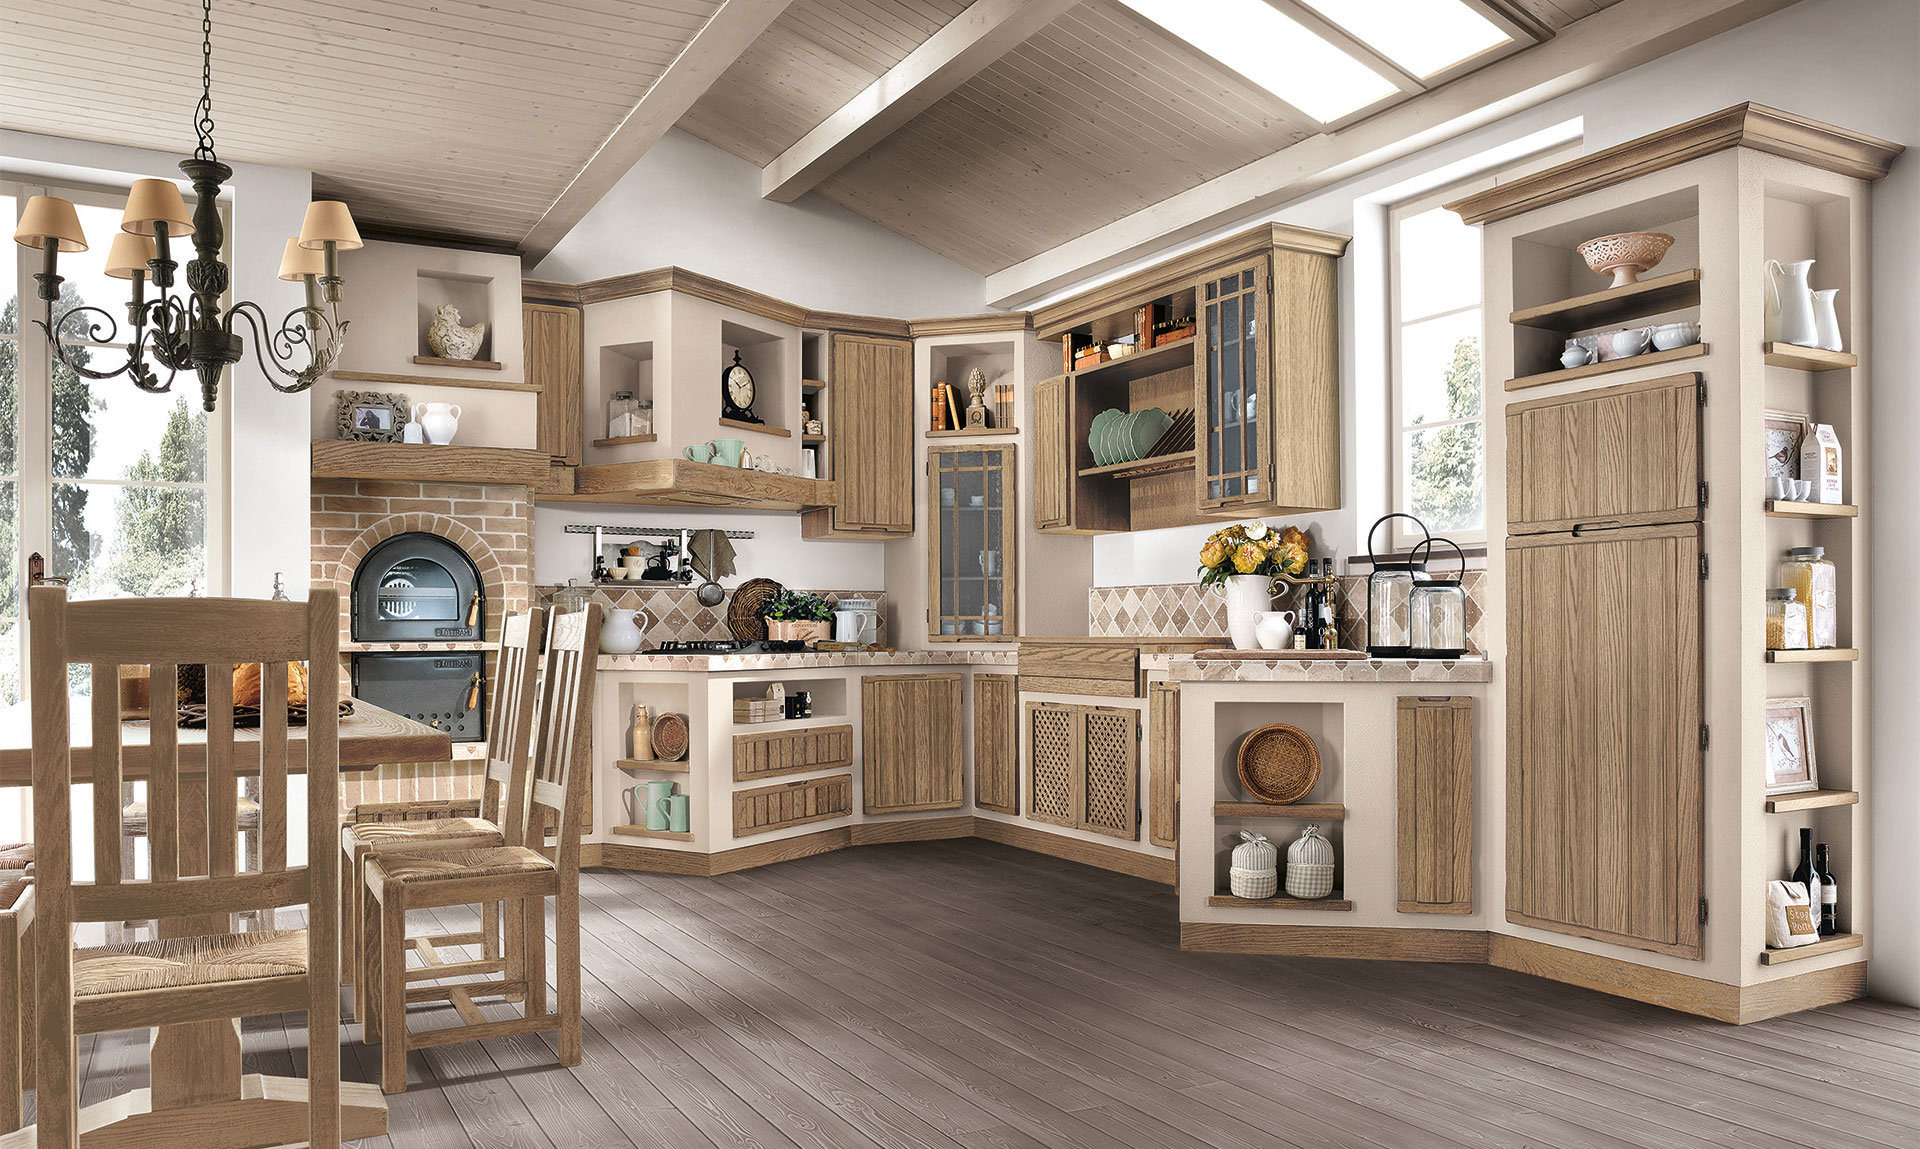 Modelli cucine in muratura for Modelli cucine componibili